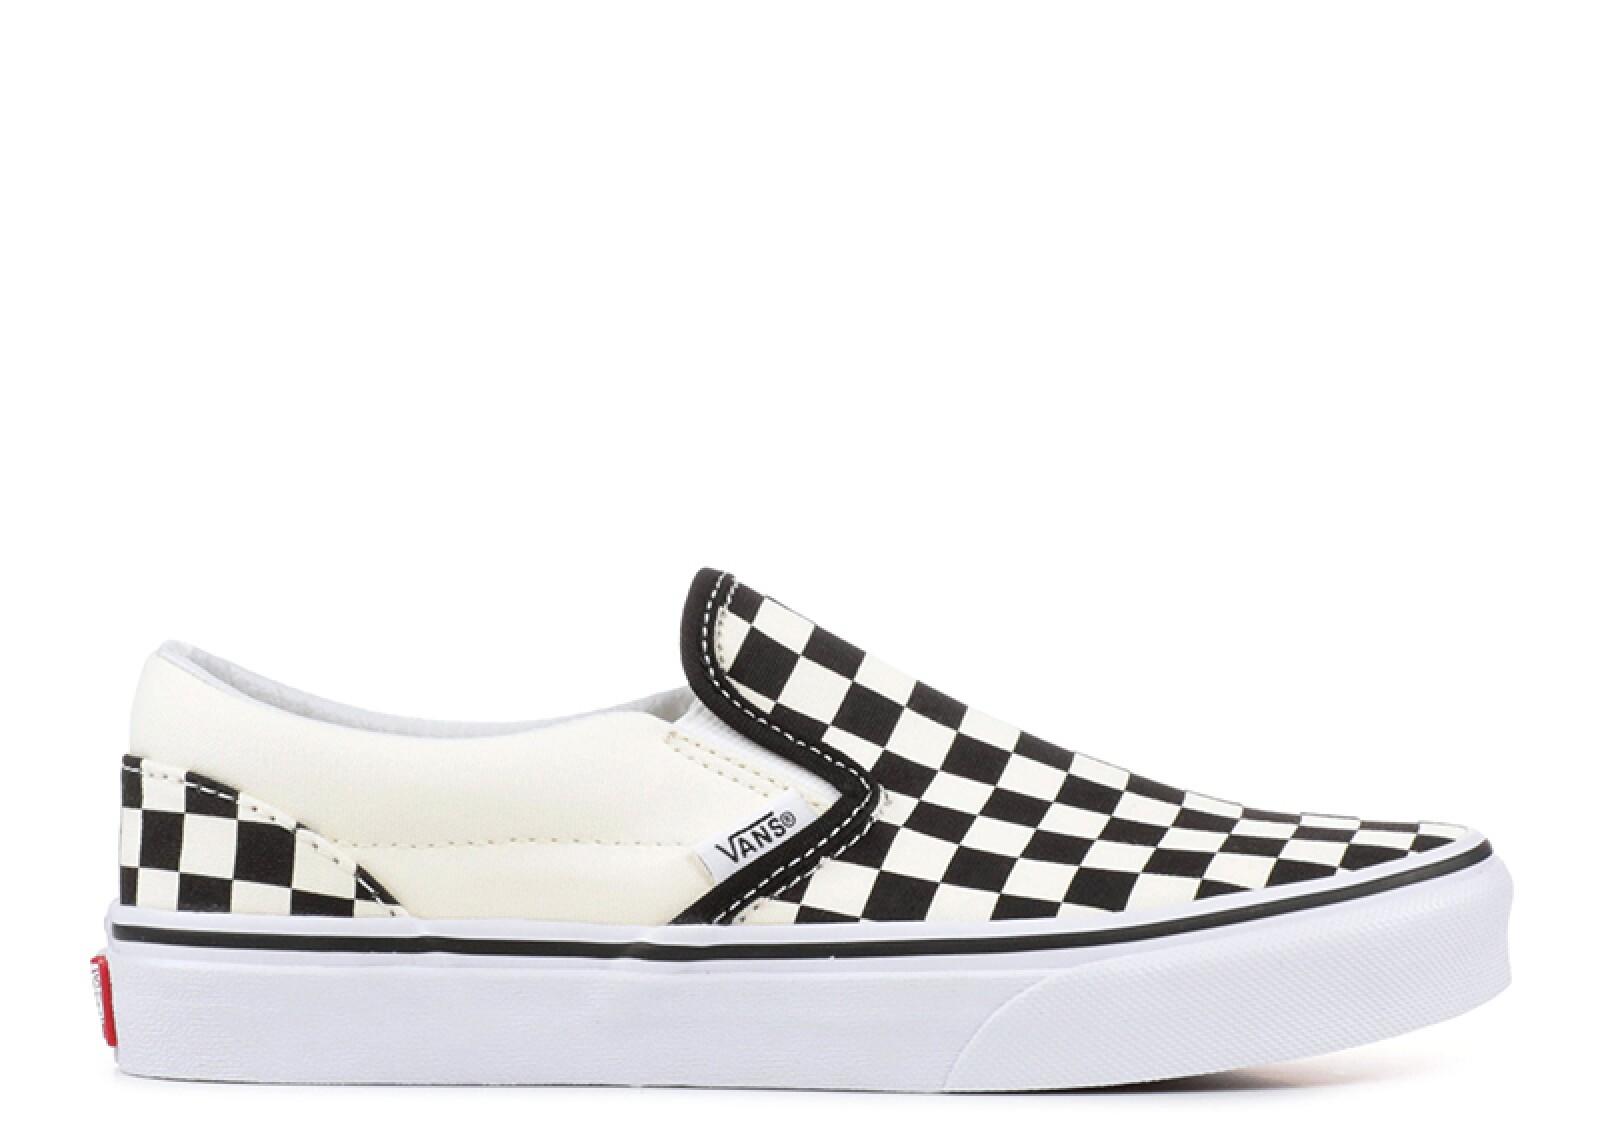 sneakers_7